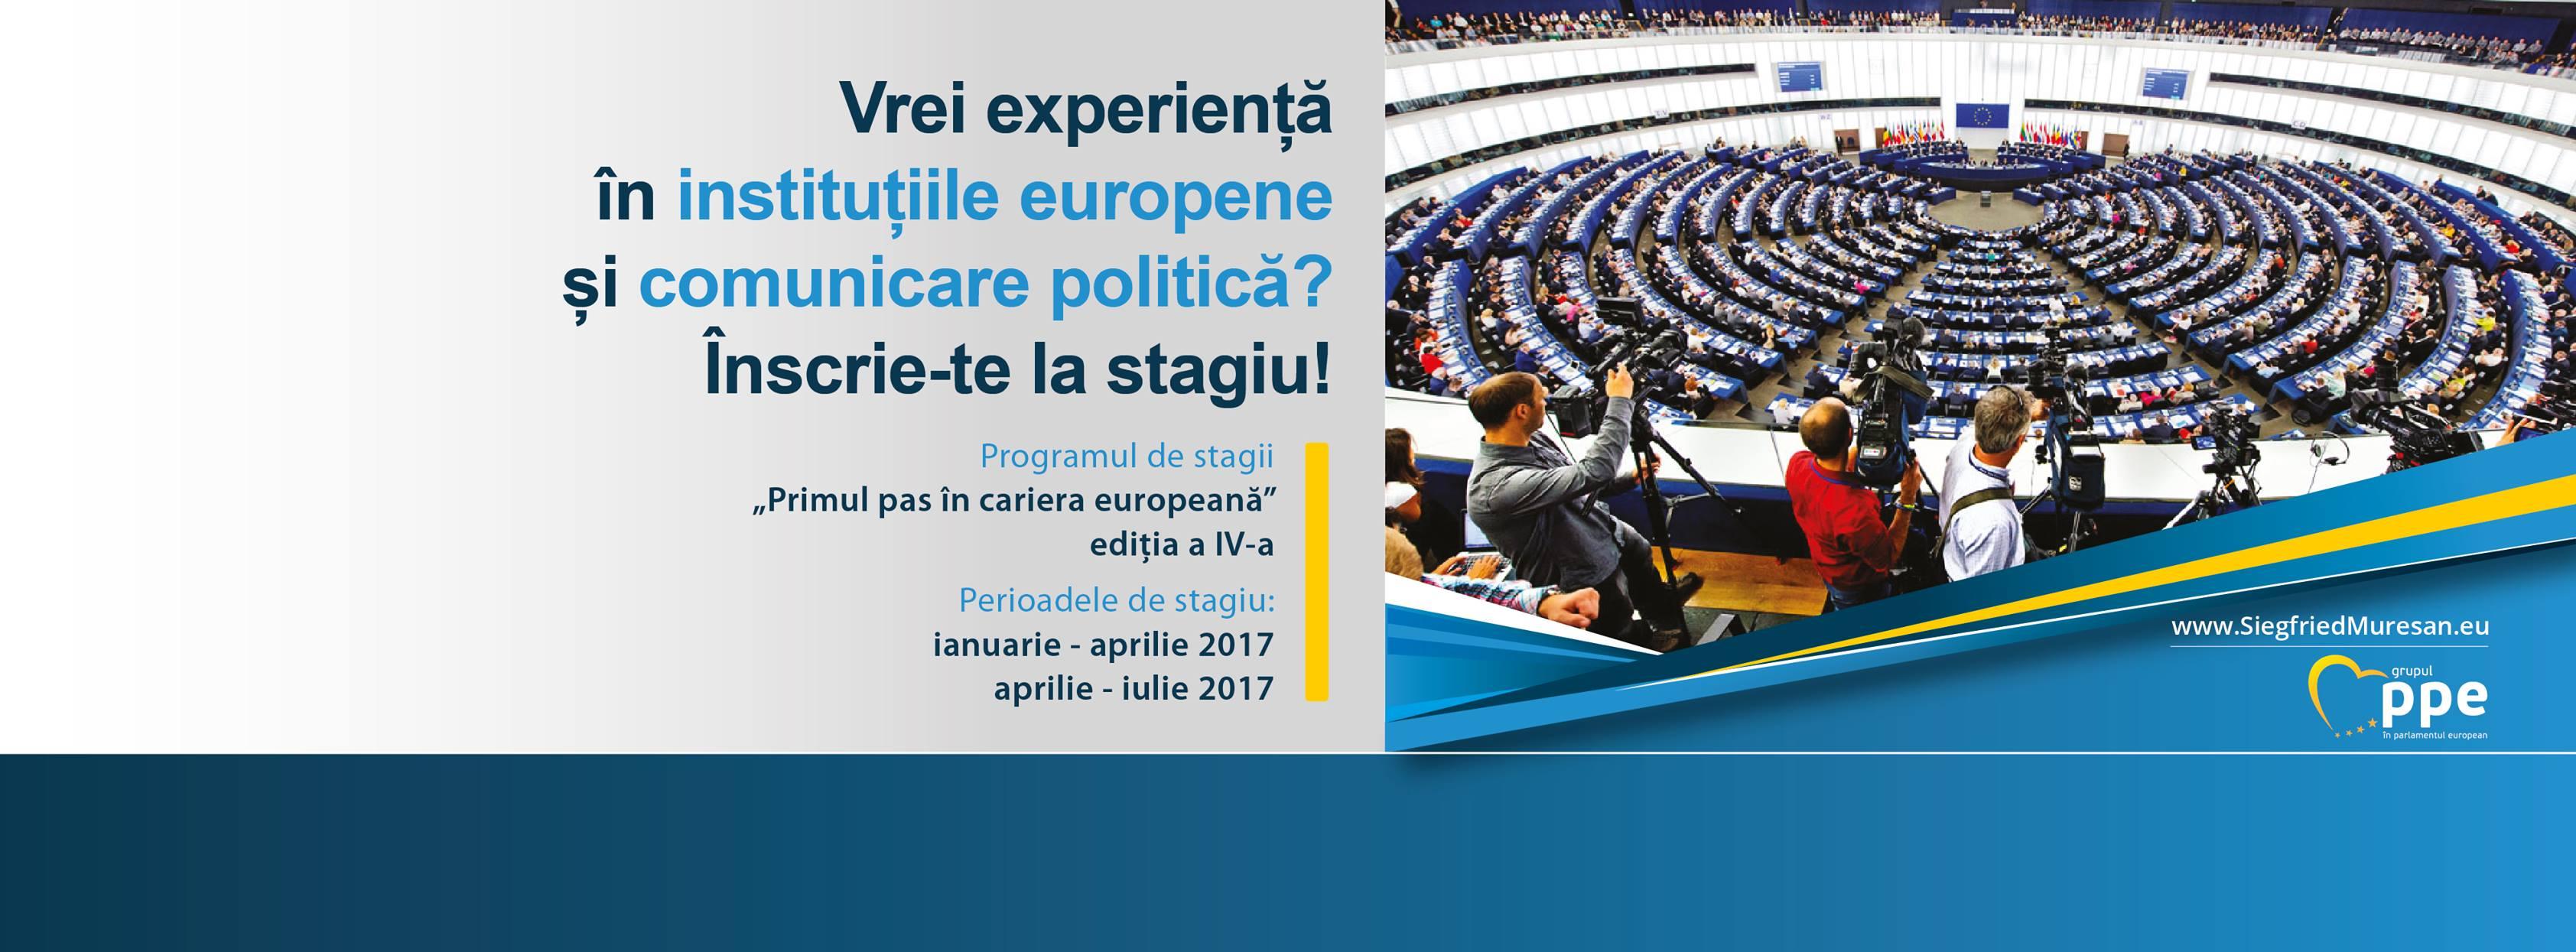 """Înscrie-te la programul de stagii """"Primul pas în cariera europeană"""", organizat de eurodeputatul Siegfried Mureșan"""